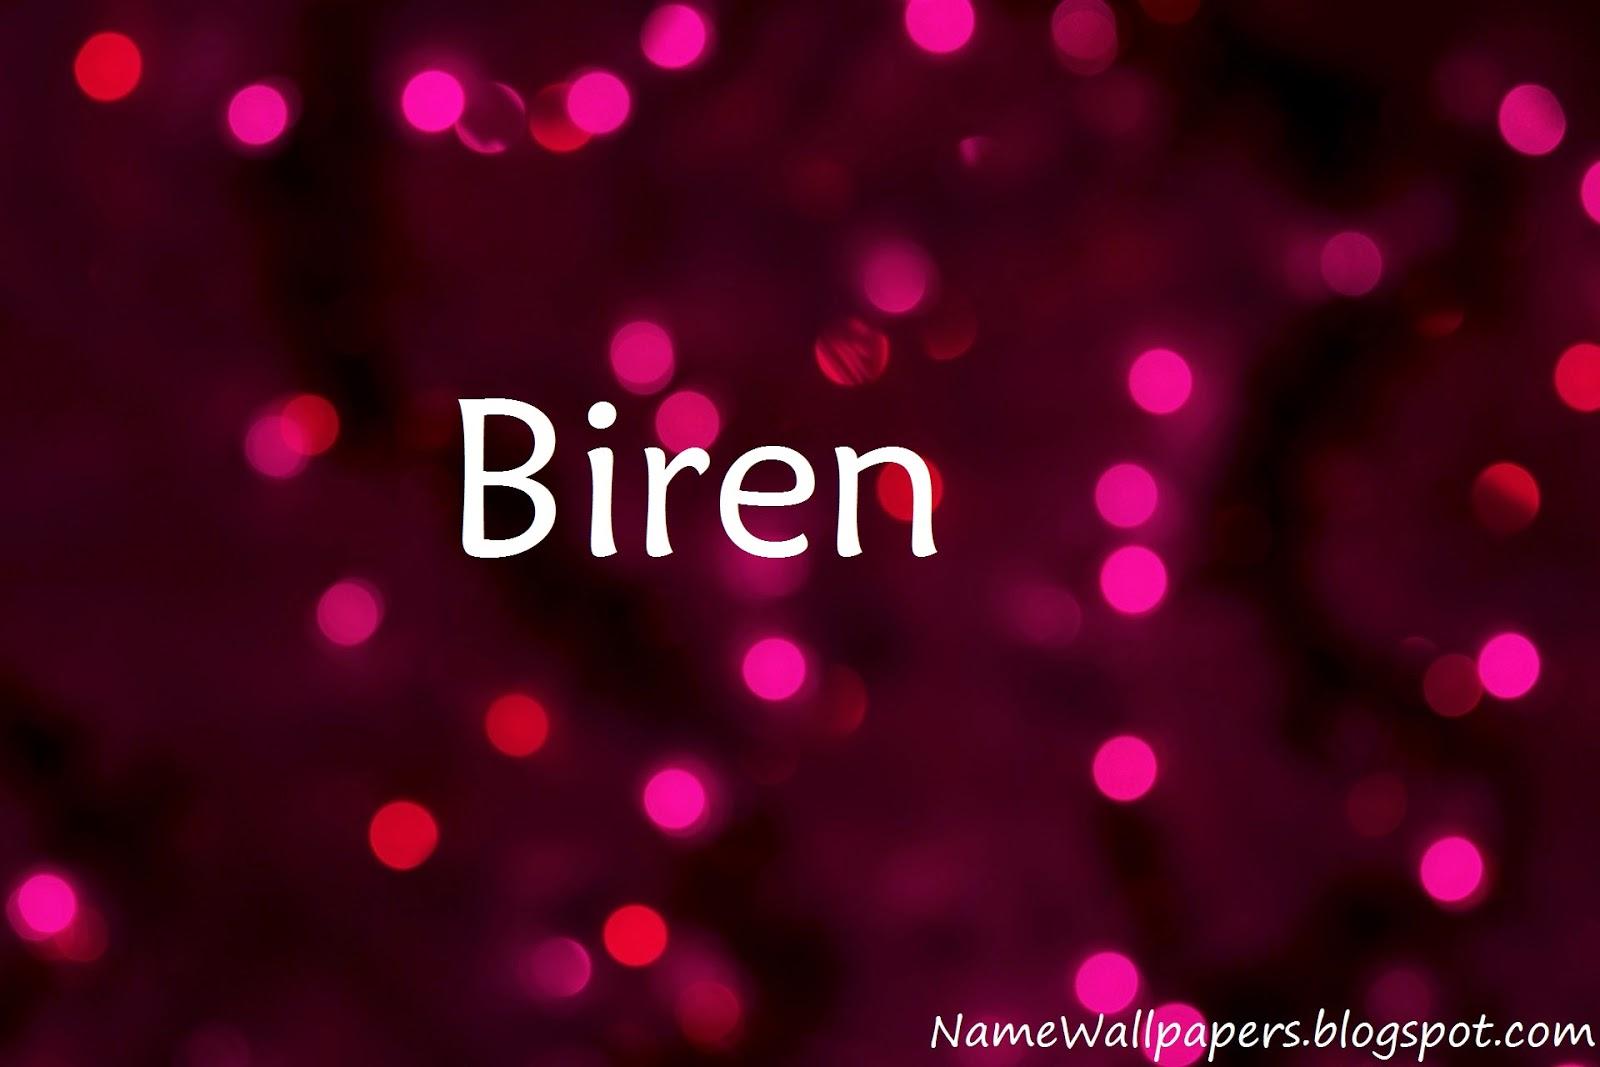 biren name